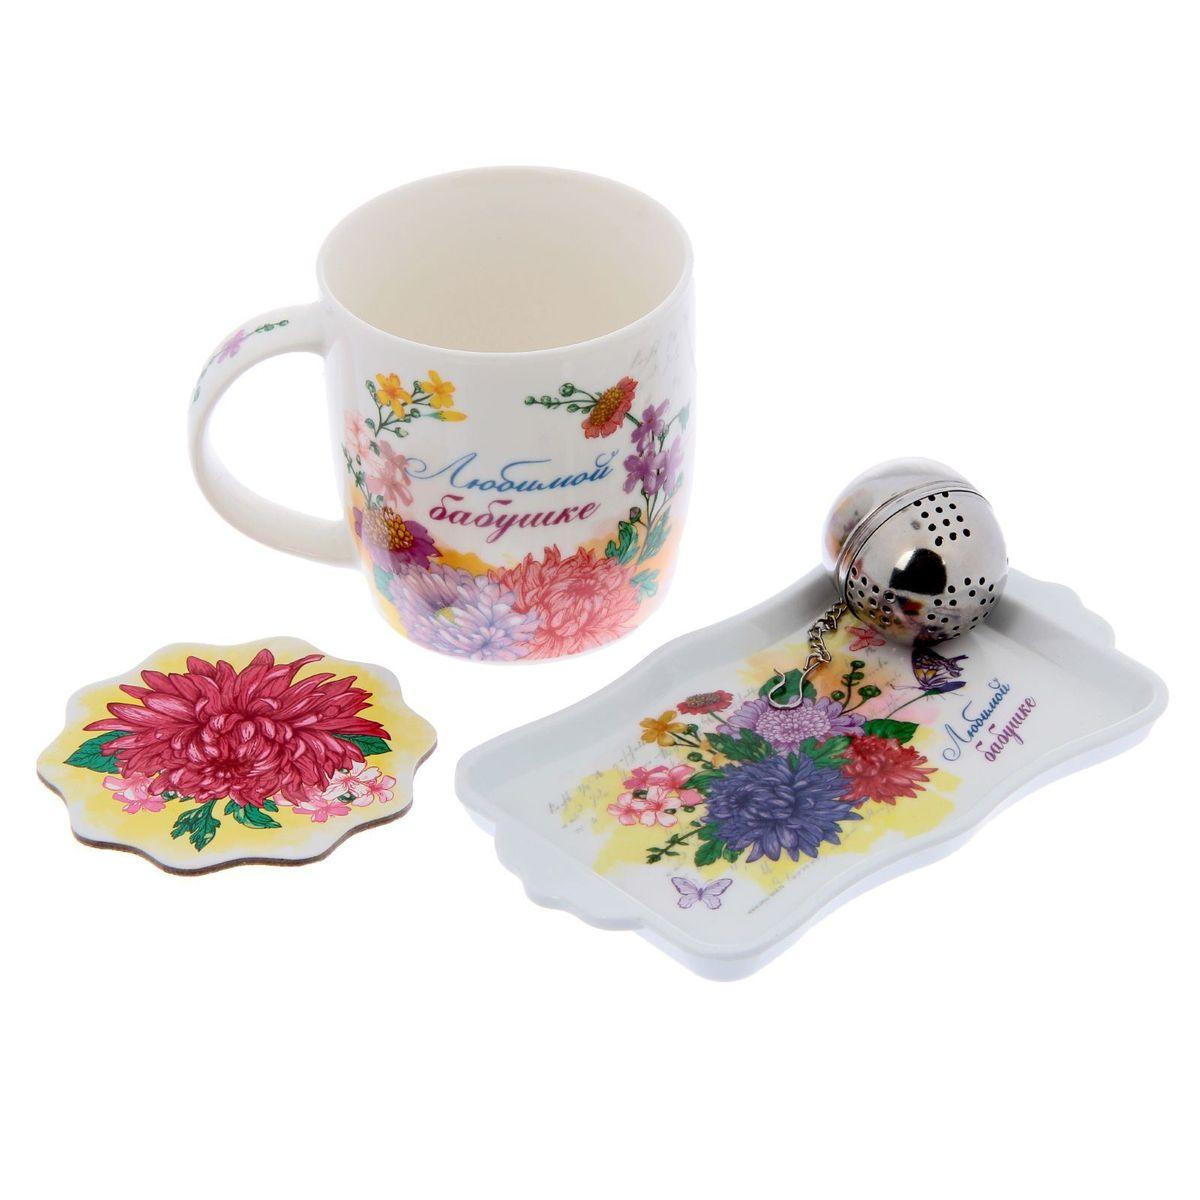 Набор подарочный Любимой бабушке, 4 предмета1176420Набор состоит из кружки (350 мл), подставки, подноса и ситечка для заварки.